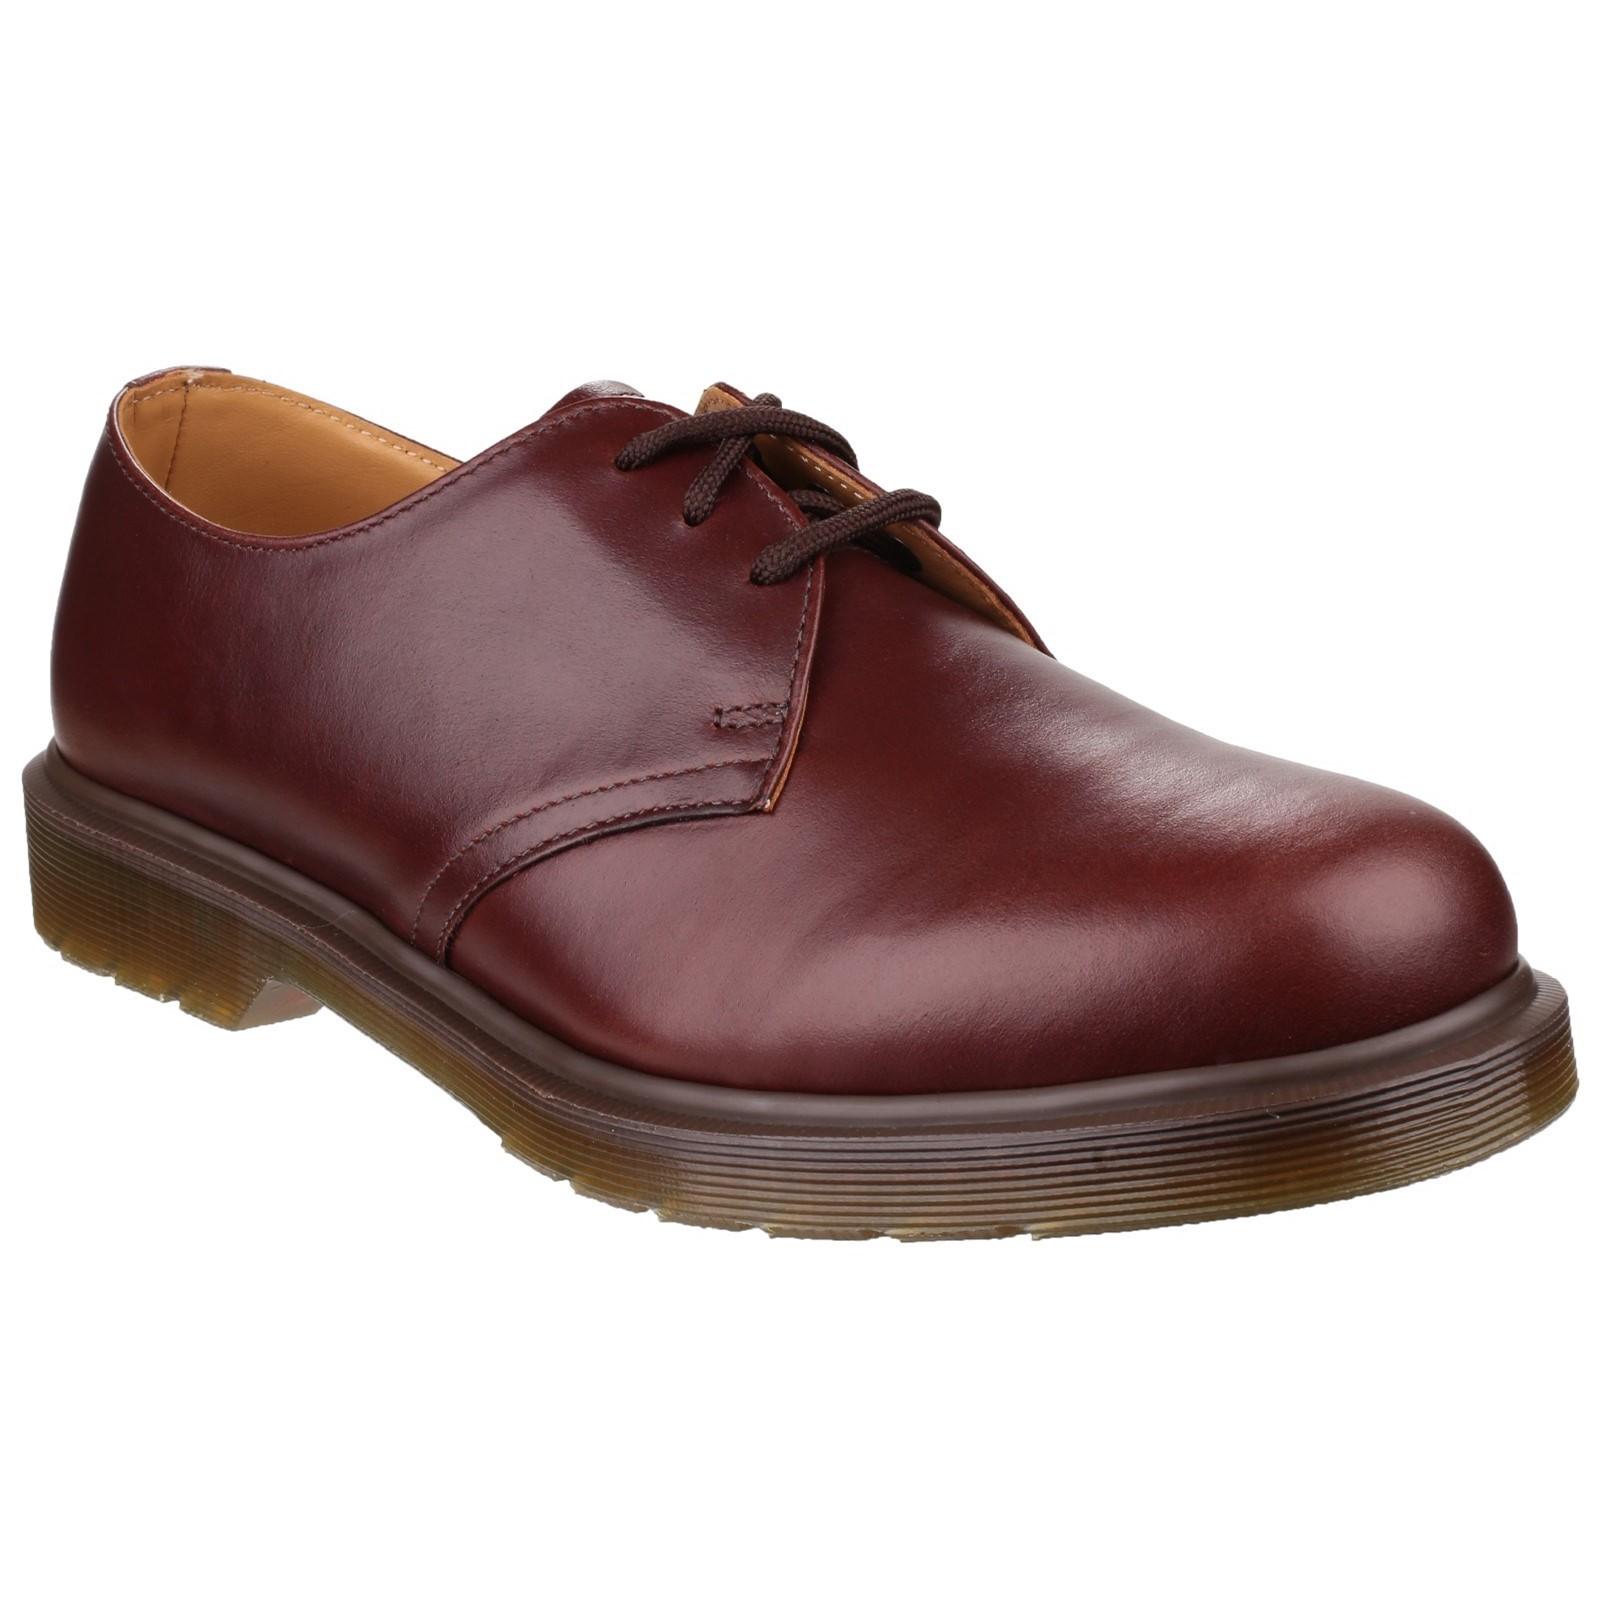 Dr Martens Hombre 1461pw Clásico Marrón Zapatos de Cordones Tamaño UK 10 Ue 45